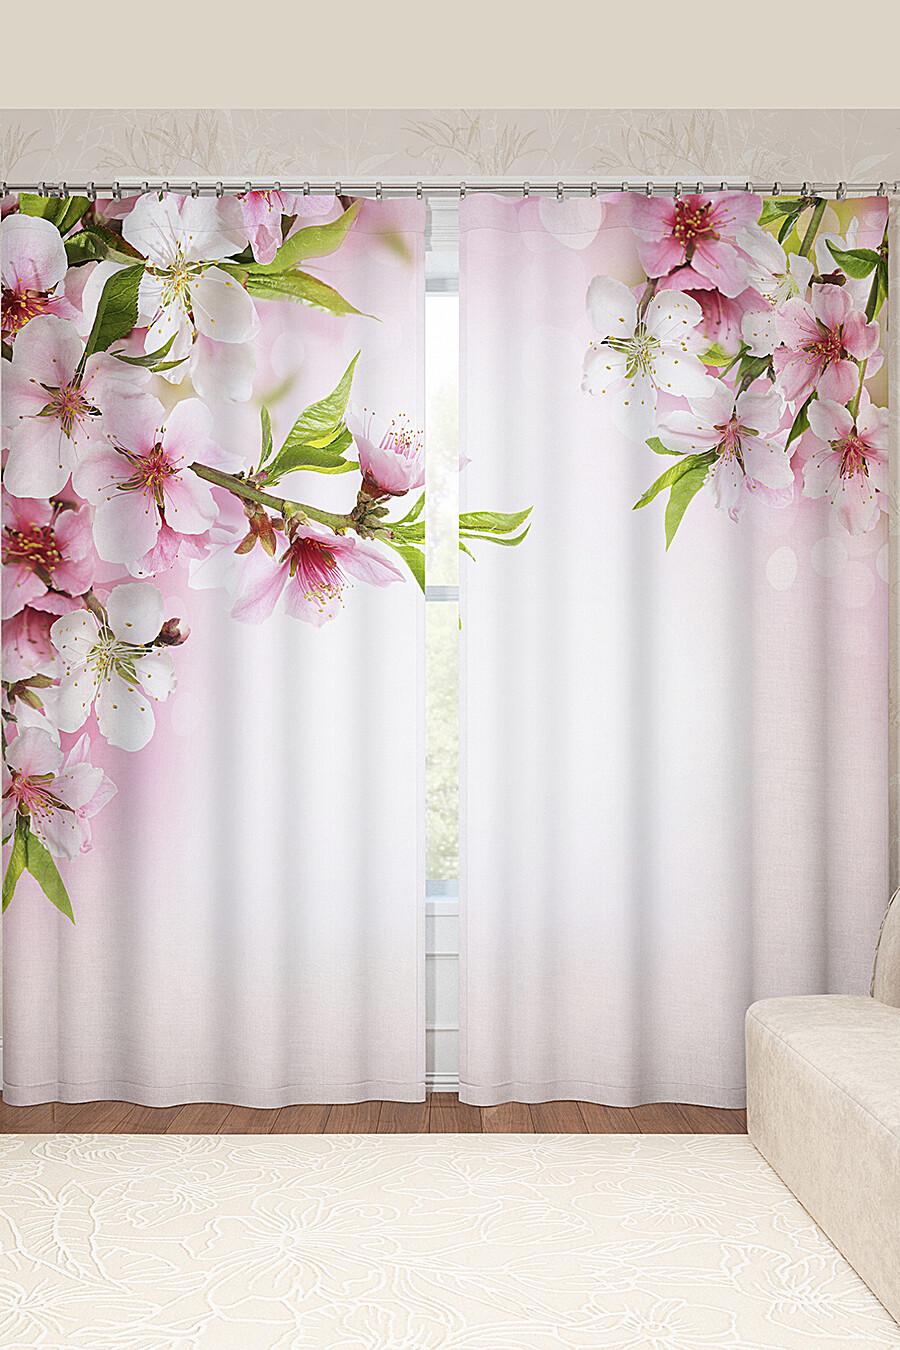 Фотошторы для дома ART HOME TEXTILE 123877 купить оптом от производителя. Совместная покупка товаров для дома в OptMoyo